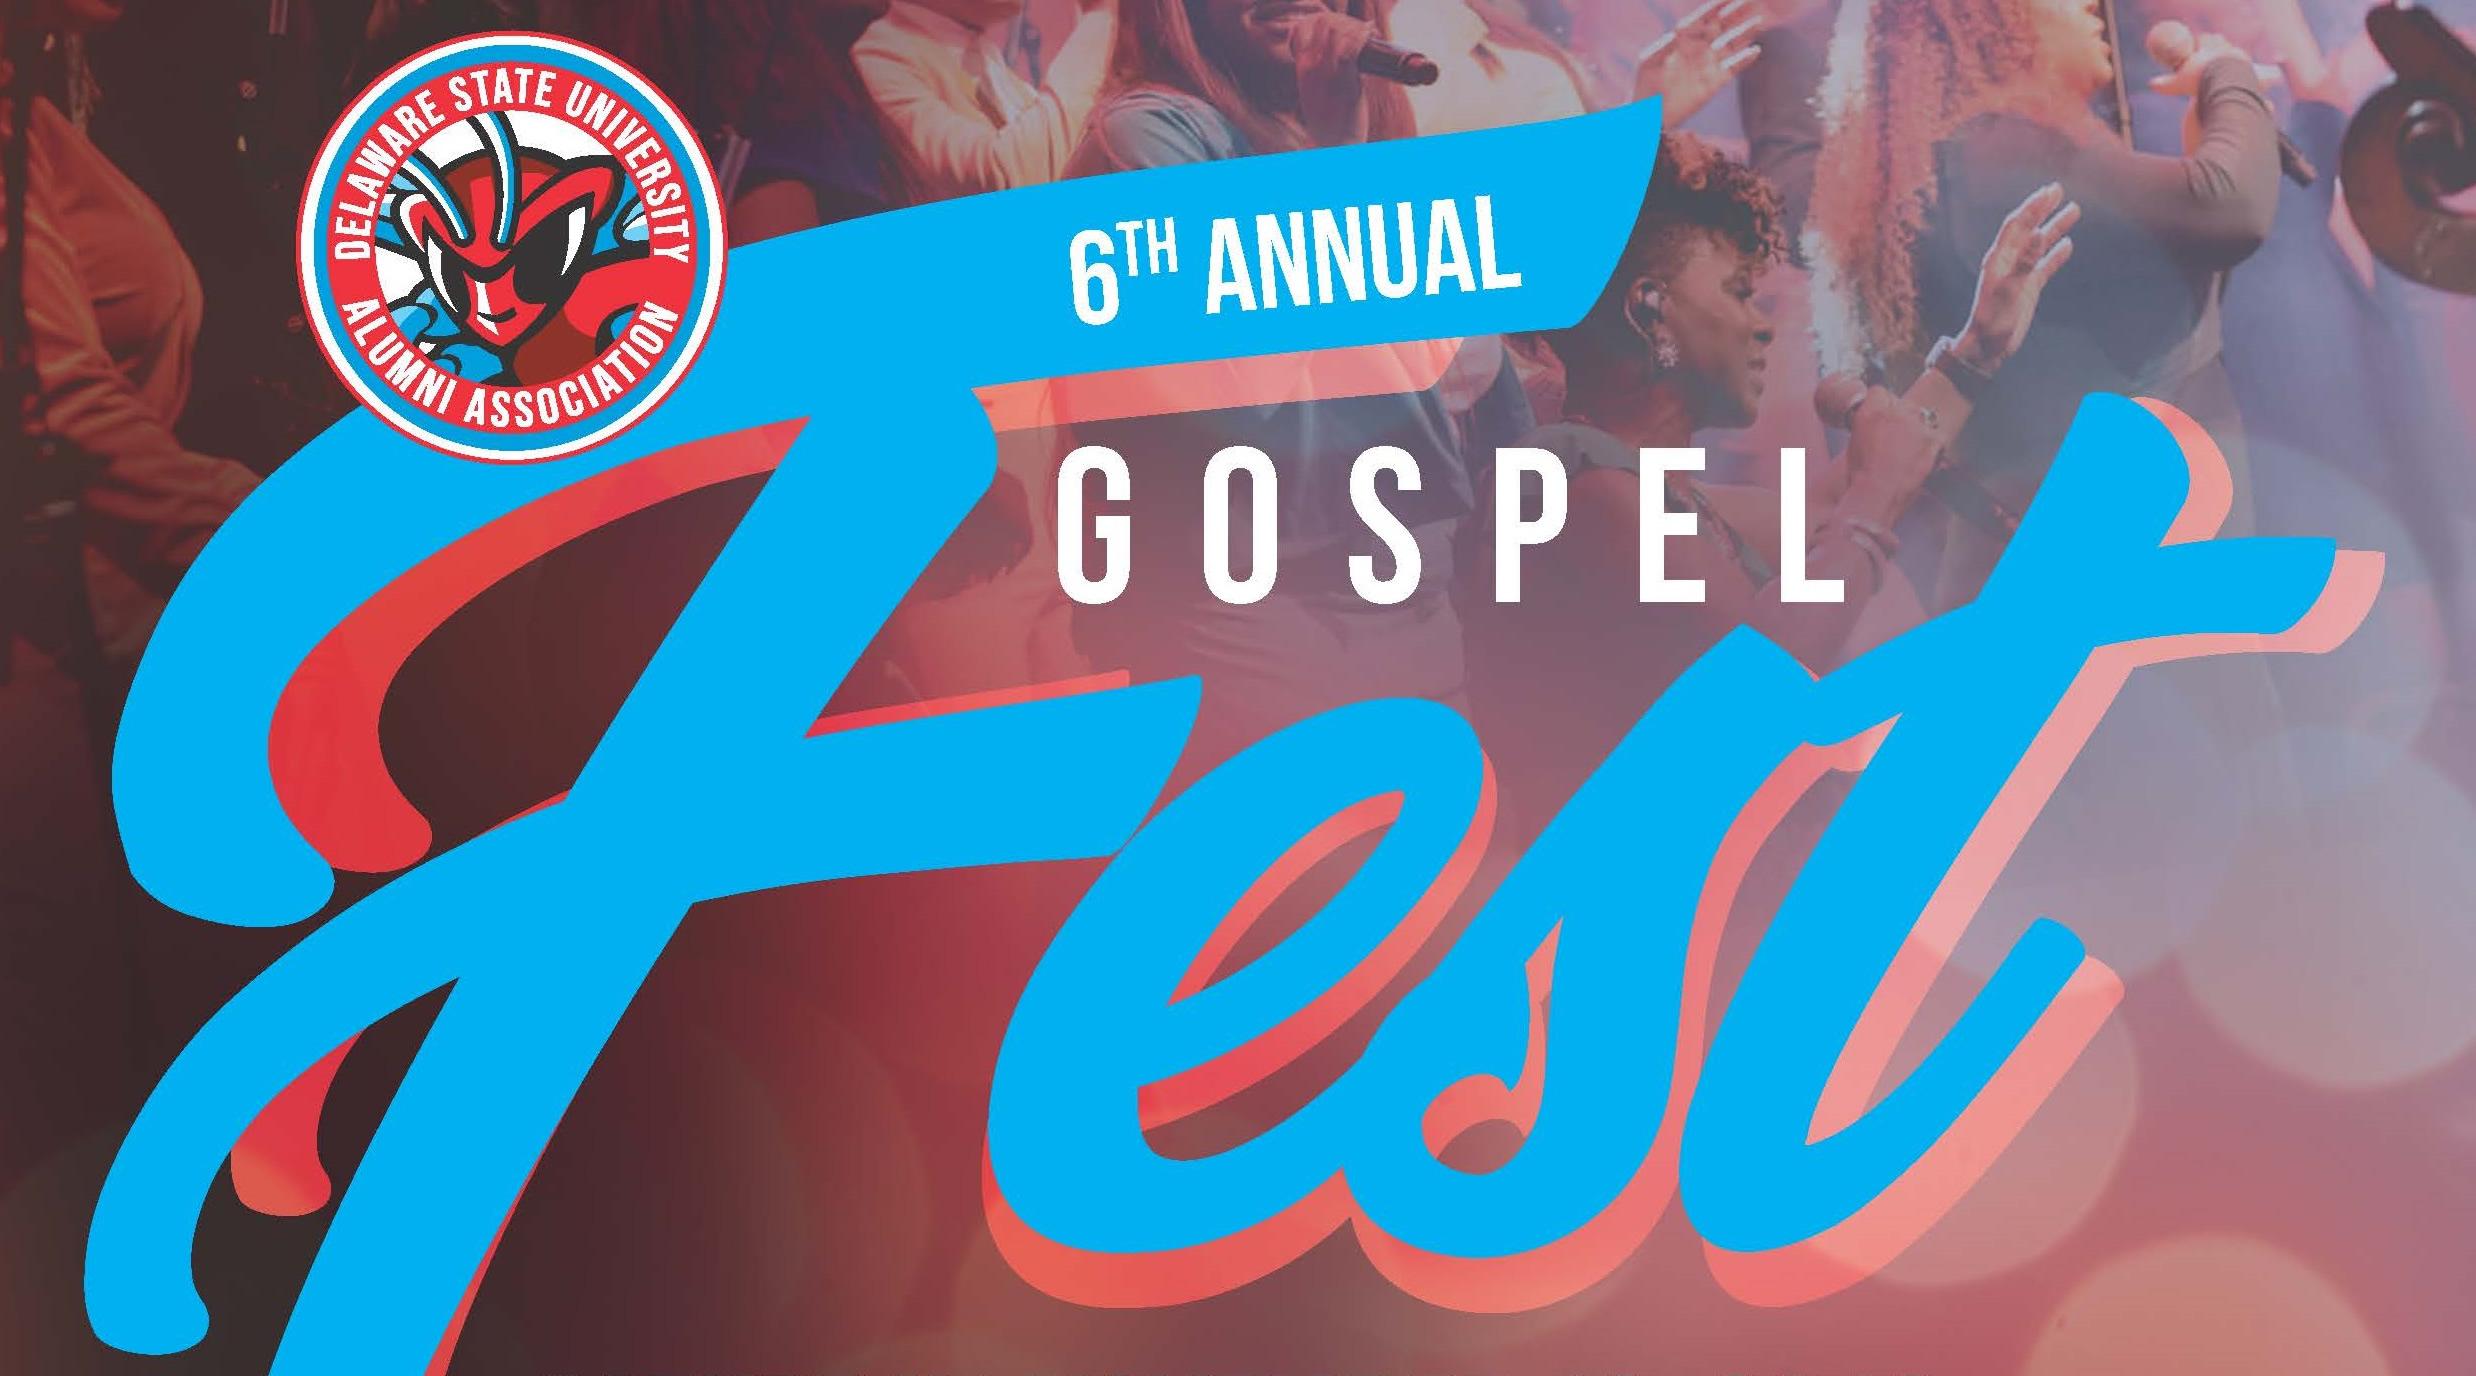 6th Annual Gospel Fest